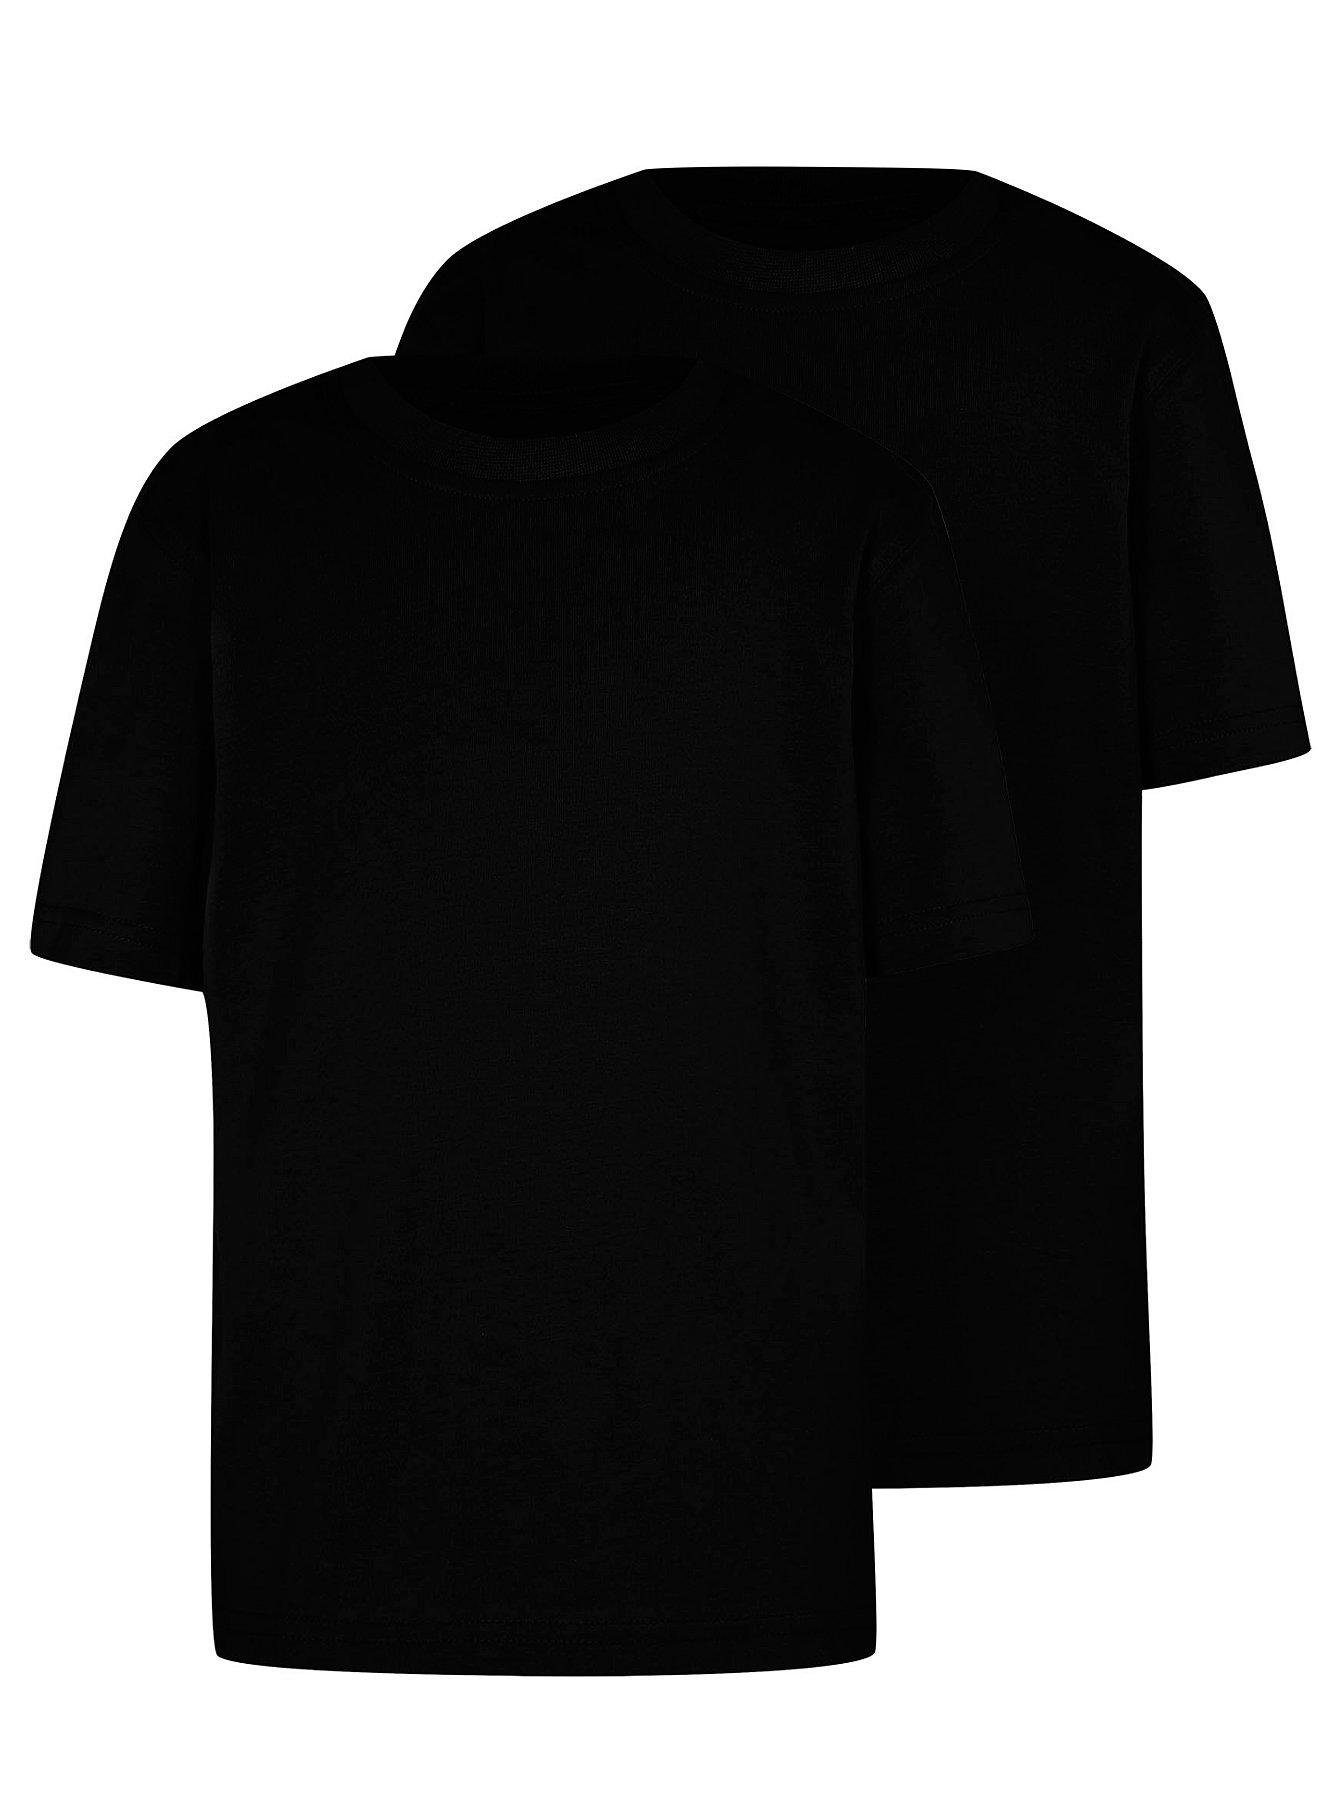 Black t shirt asda - Black T Shirt Asda 0